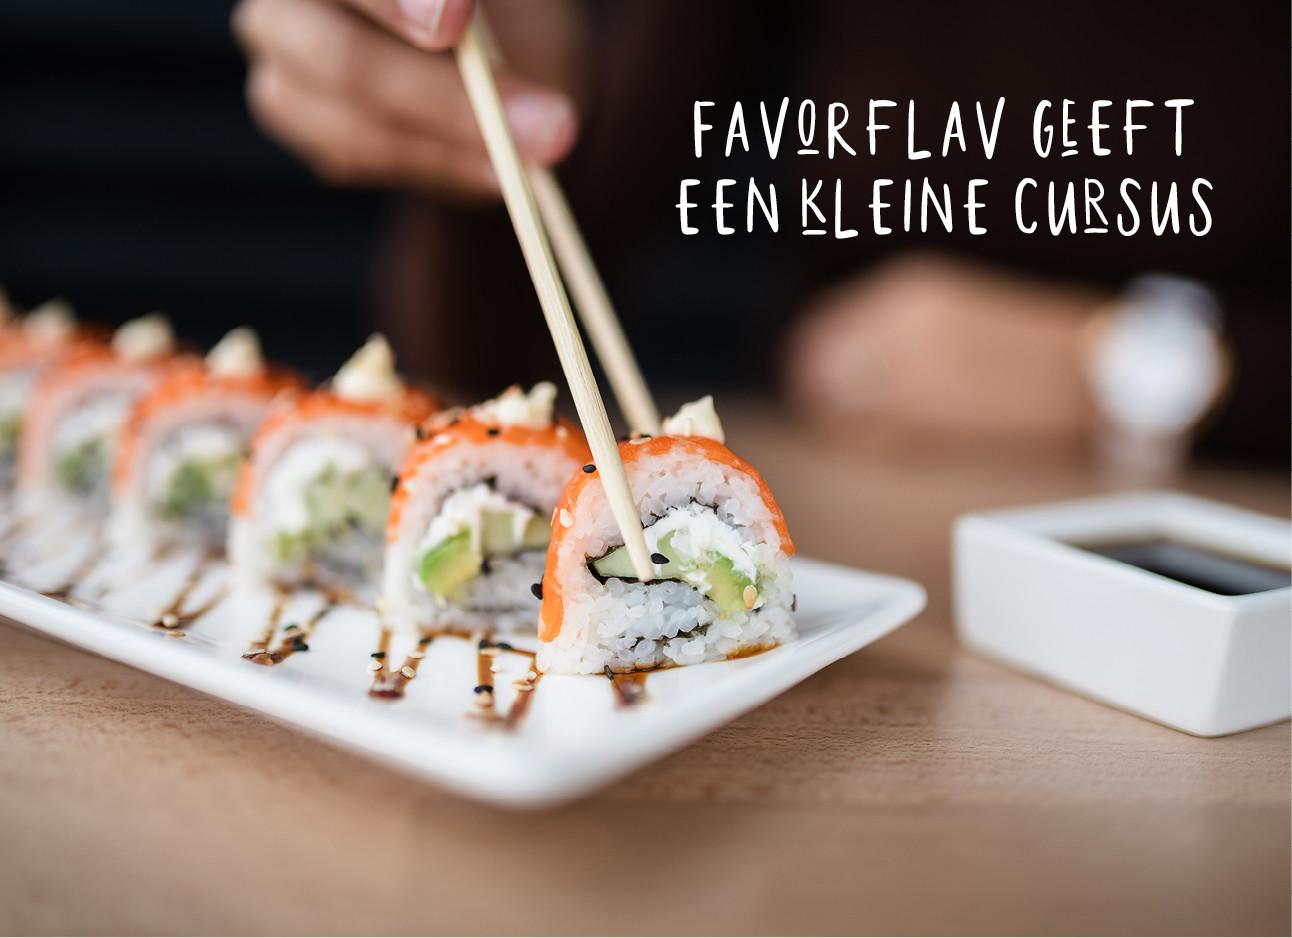 een bord met sushi dat opgegeten wordt